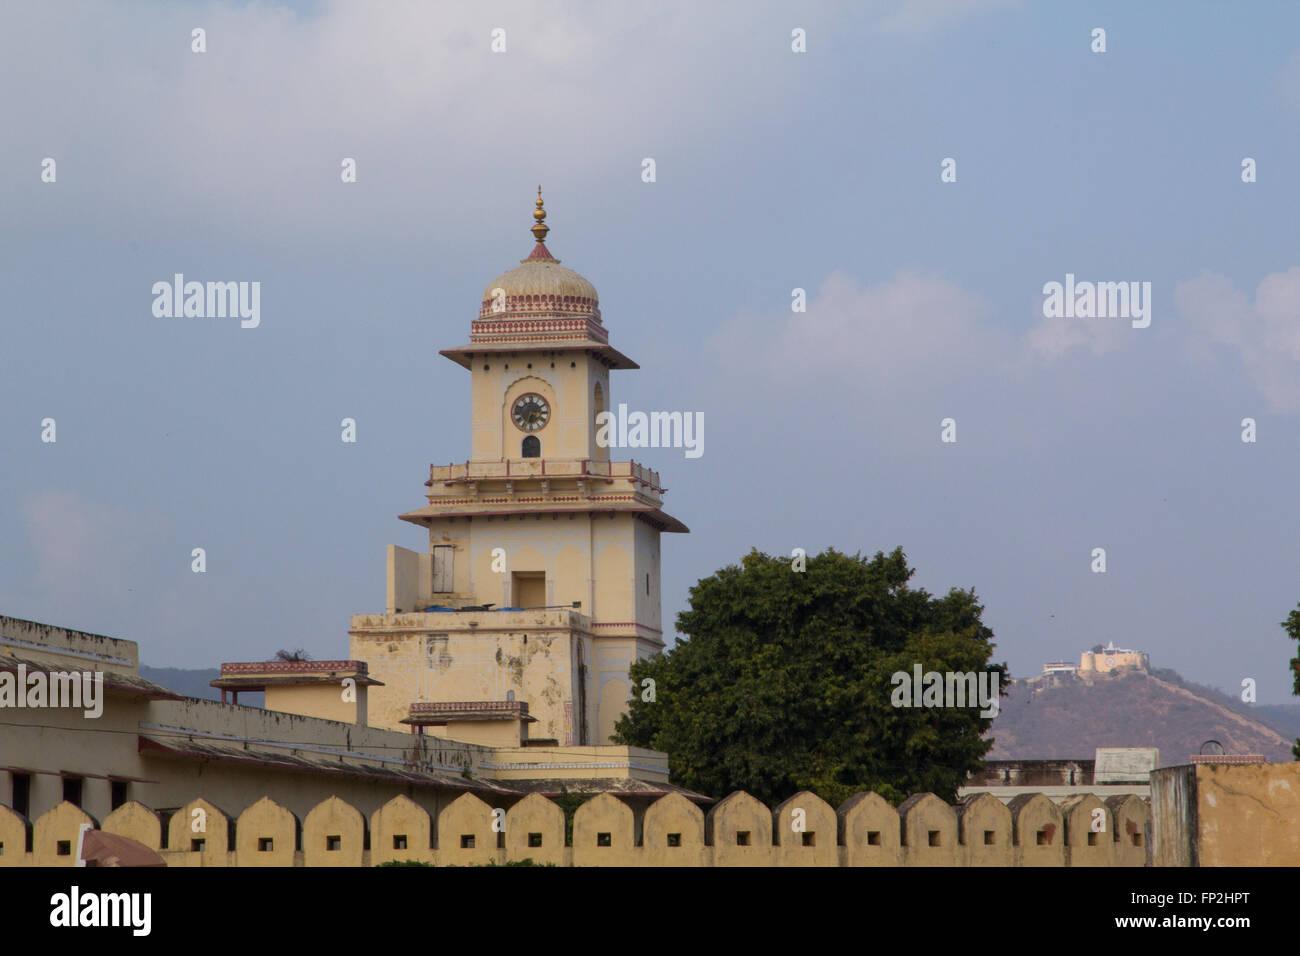 Asia, India Rajasthan, Jaipur, Jantar Mantar, aria aperta osservatorio astronomico. Immagini Stock